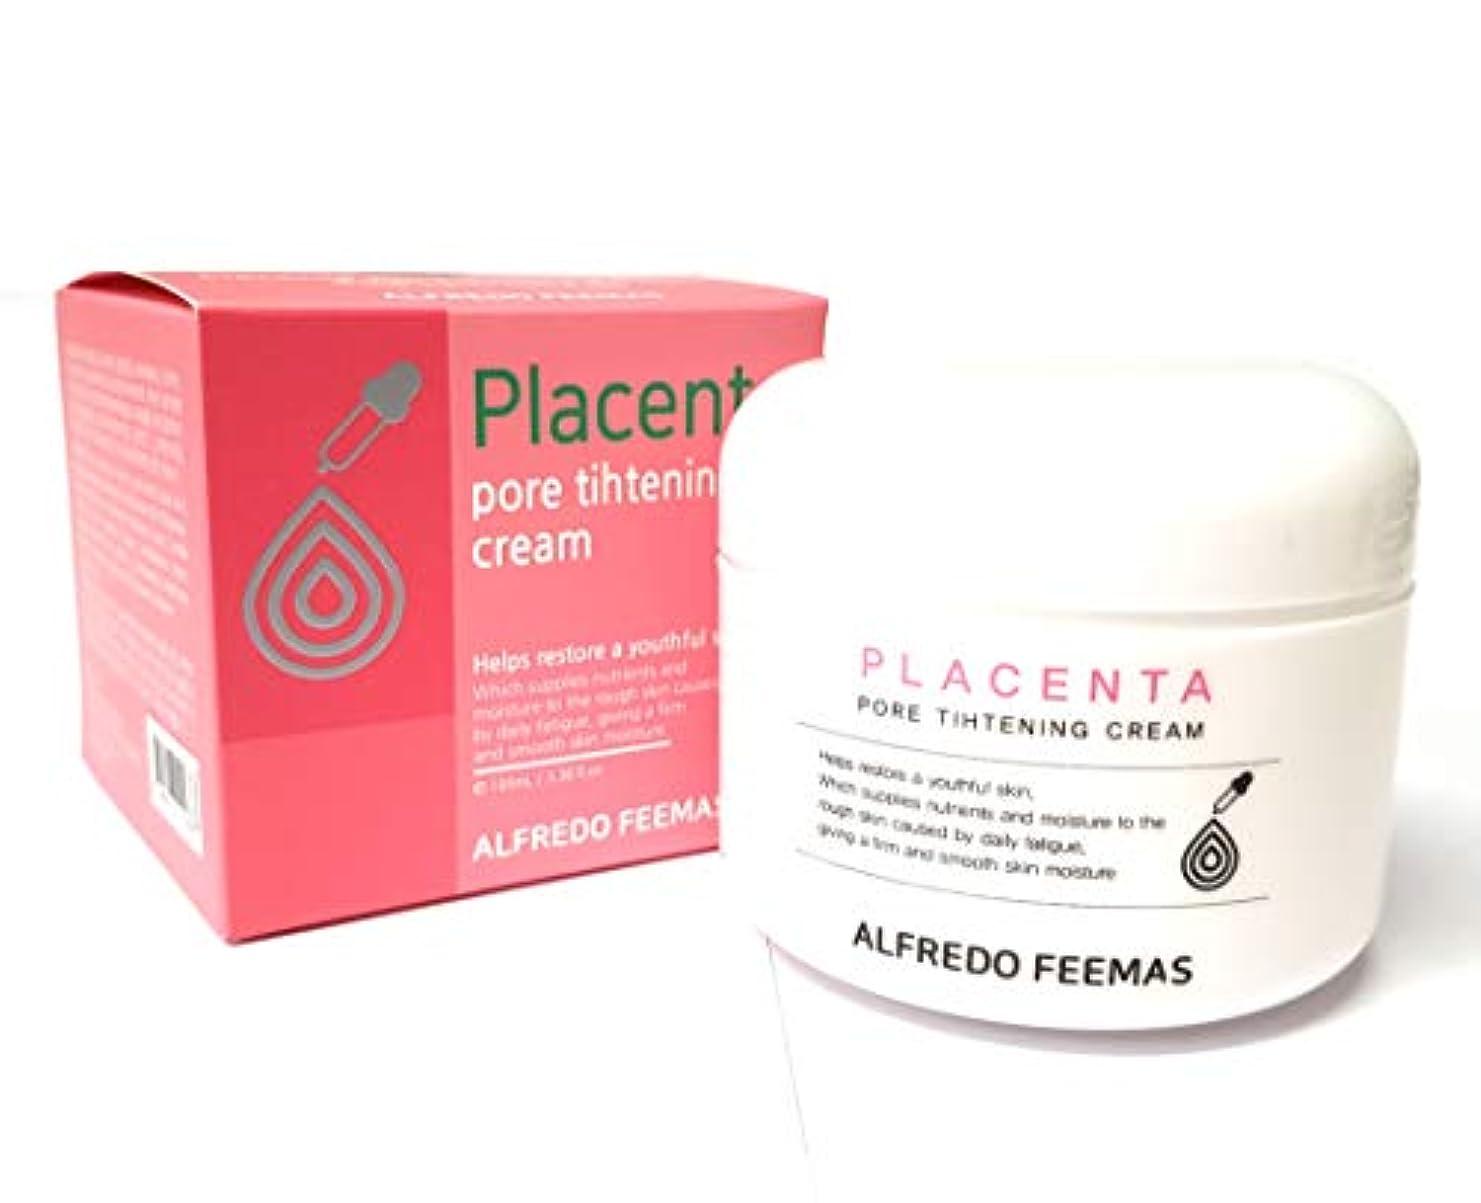 洗剤主張クック[ALFREDO FEEMAS] ポア引き締めクリーム100ml / Pore tightening cream100ml / ポアケア、うるおい/Pore Care,moisture/韓国化粧品/Korean Cosmetics...